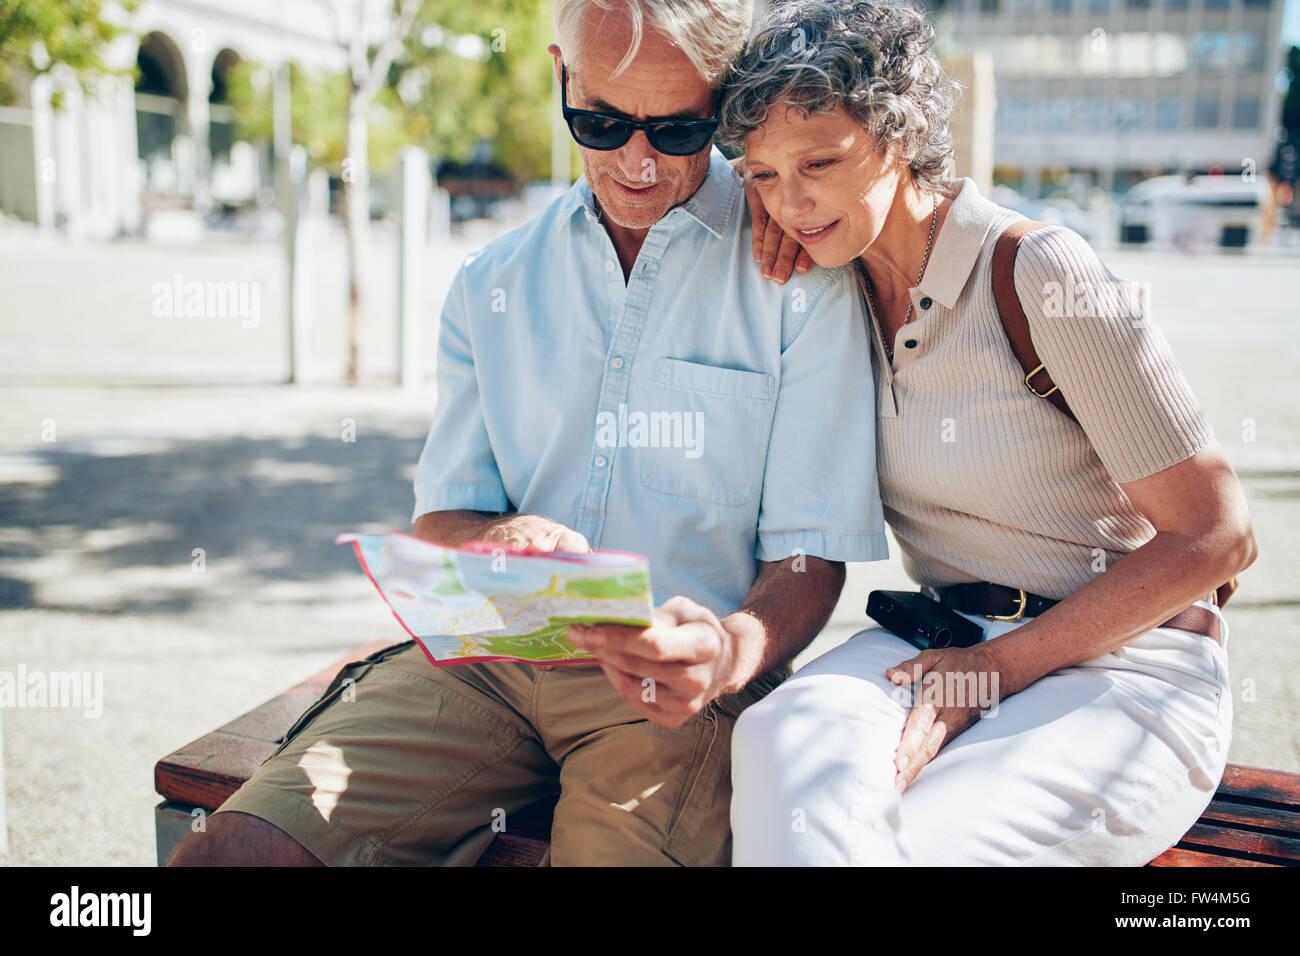 Coppia senior in cerca di destinazione su una mappa della città. Due anziani attiva la lettura di una mappa Immagini Stock